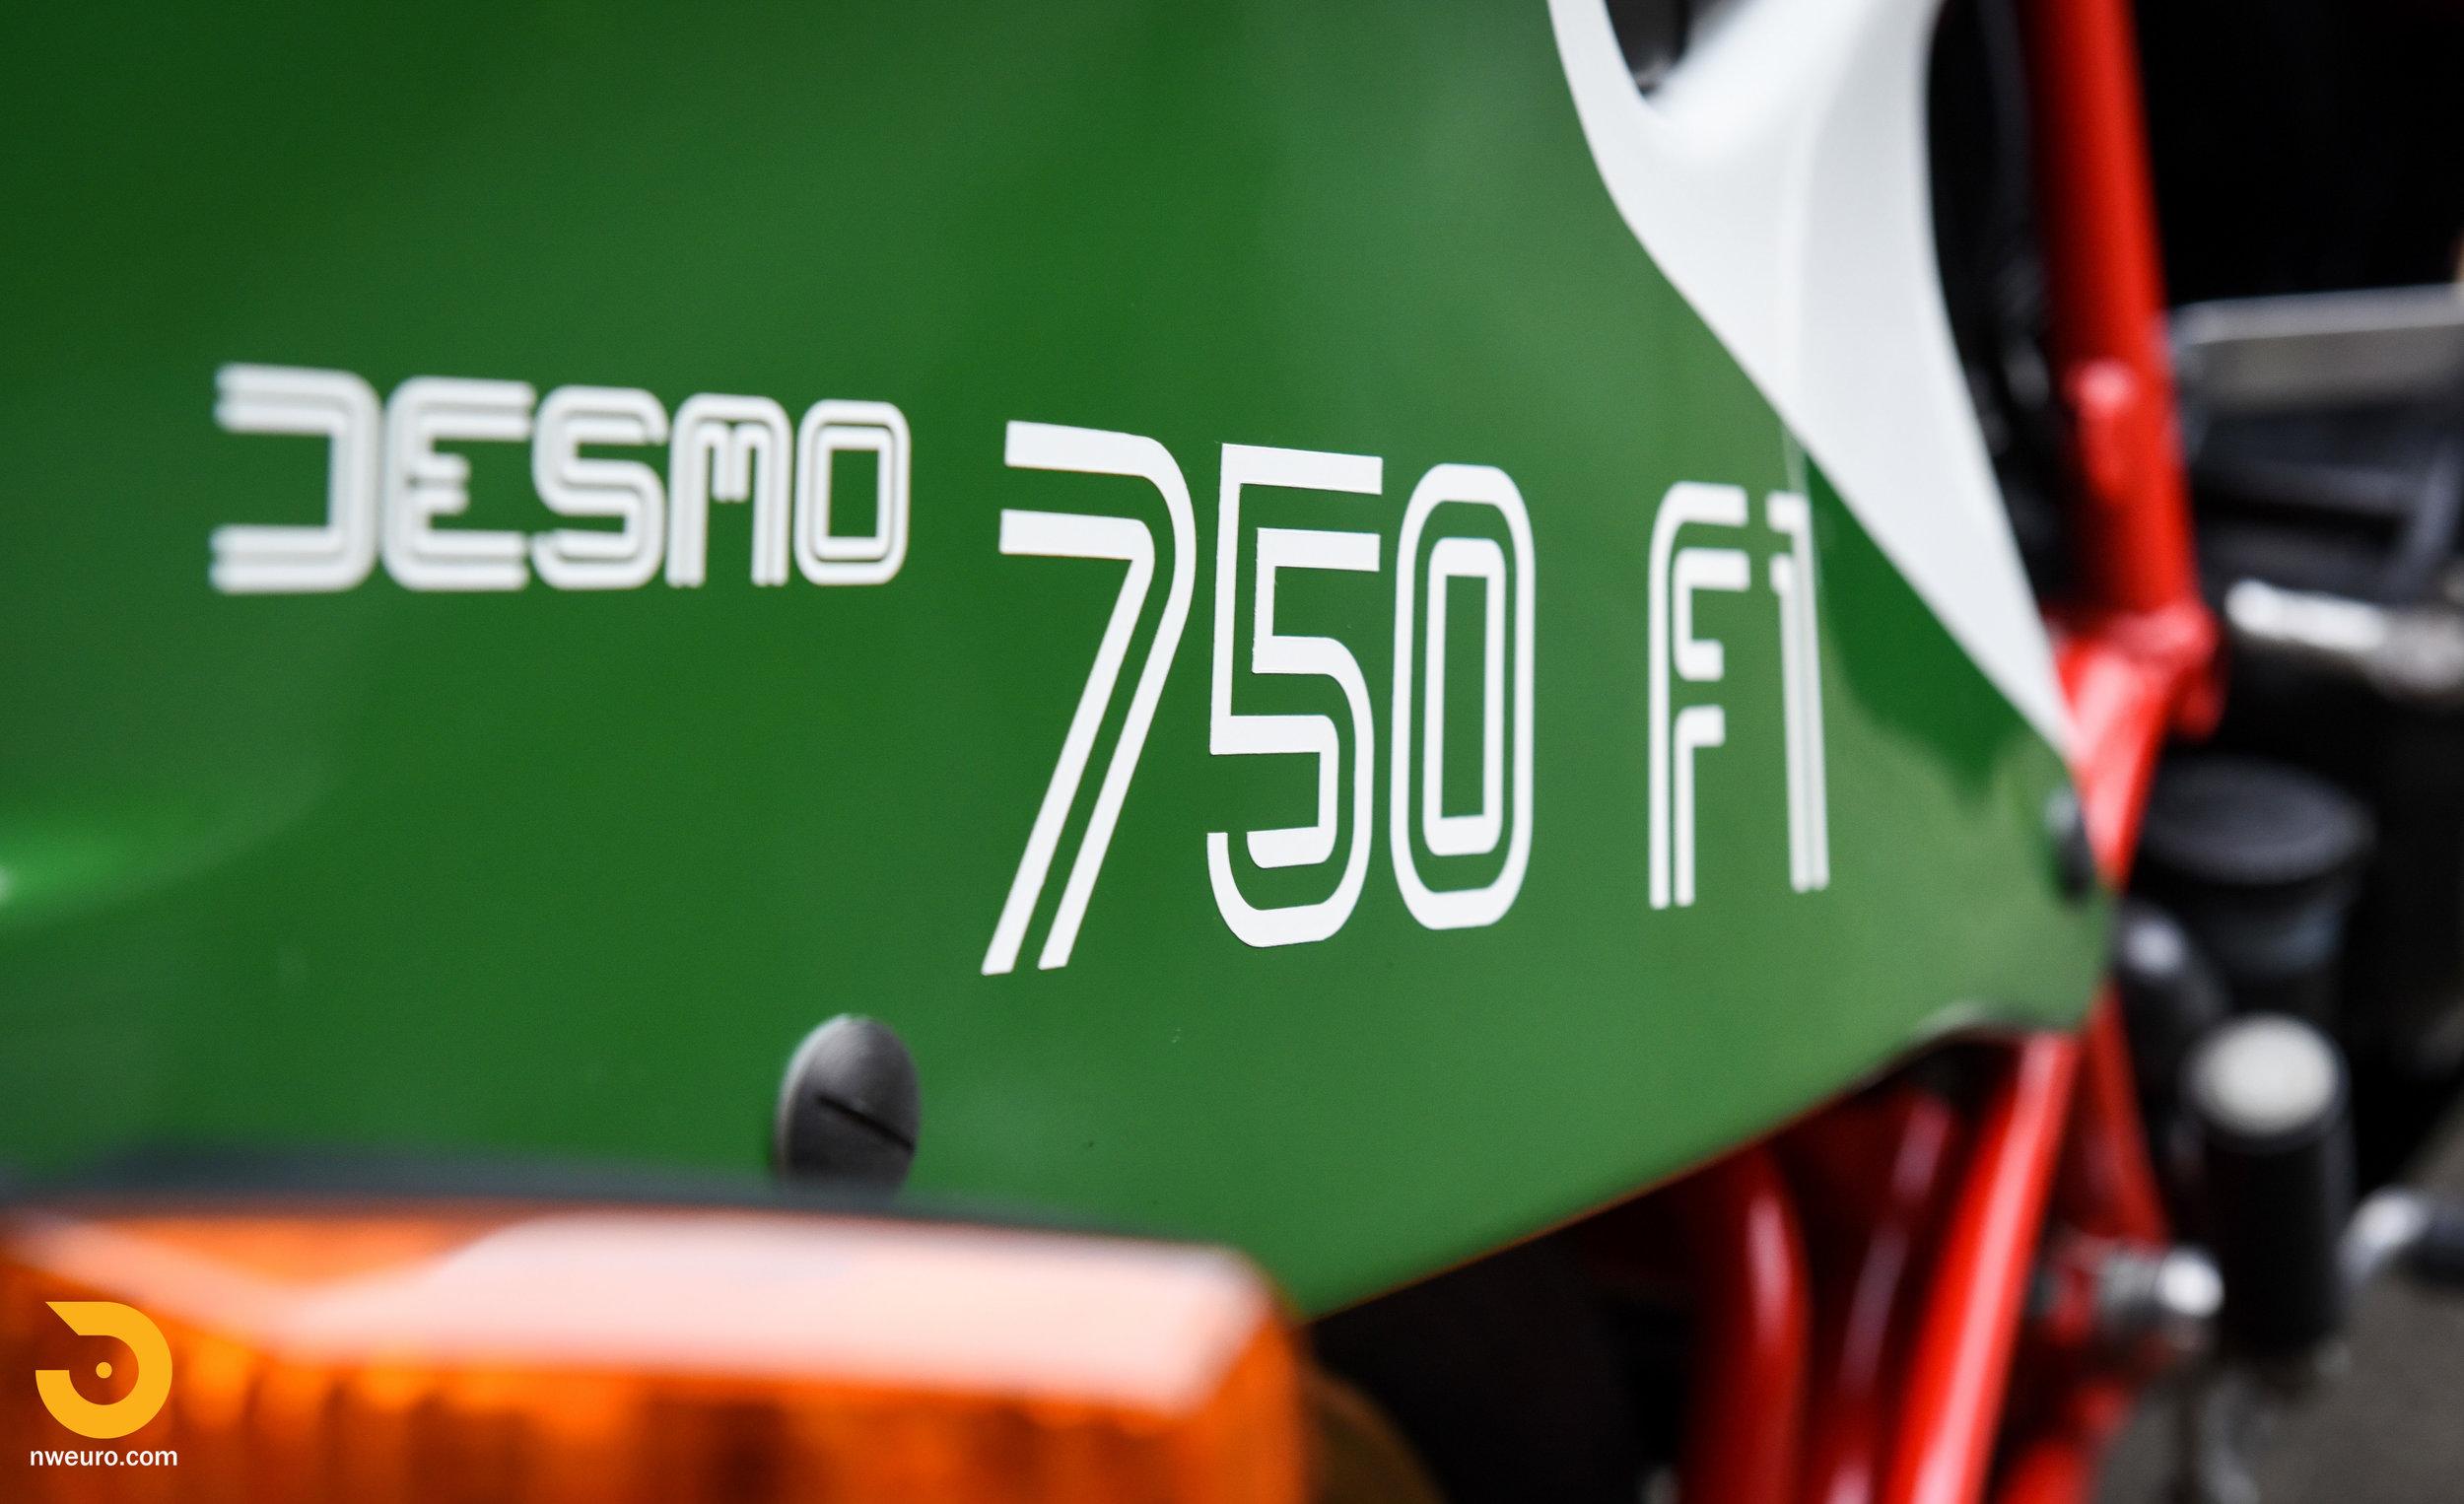 1985 Ducati 750 F1A-19.jpg